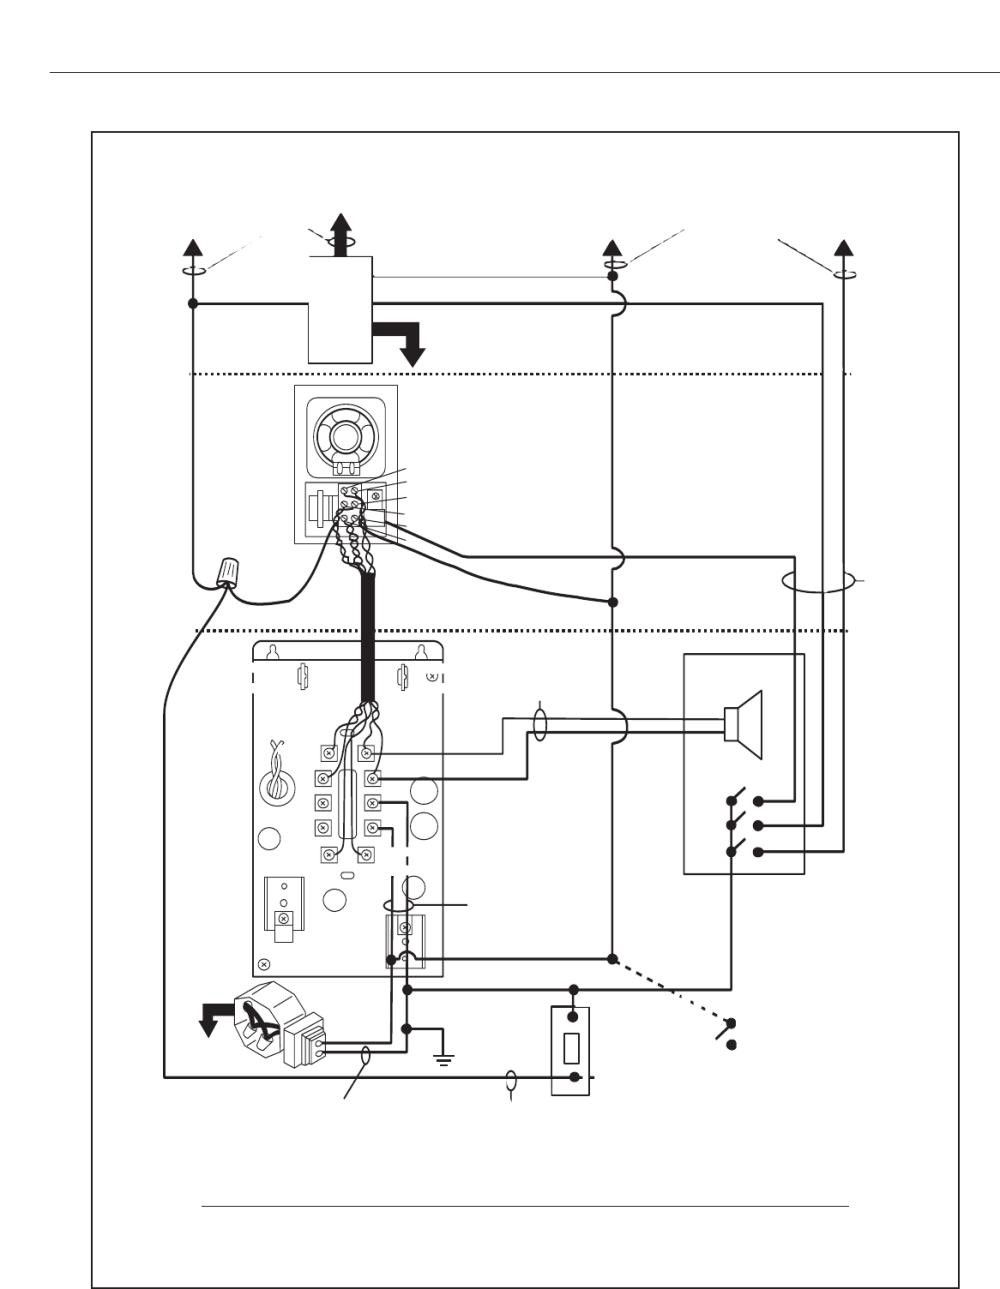 medium resolution of page 5 of nutone intercom system ia 28 user guide manualsonline com nutone intercom wiring diagram pdf